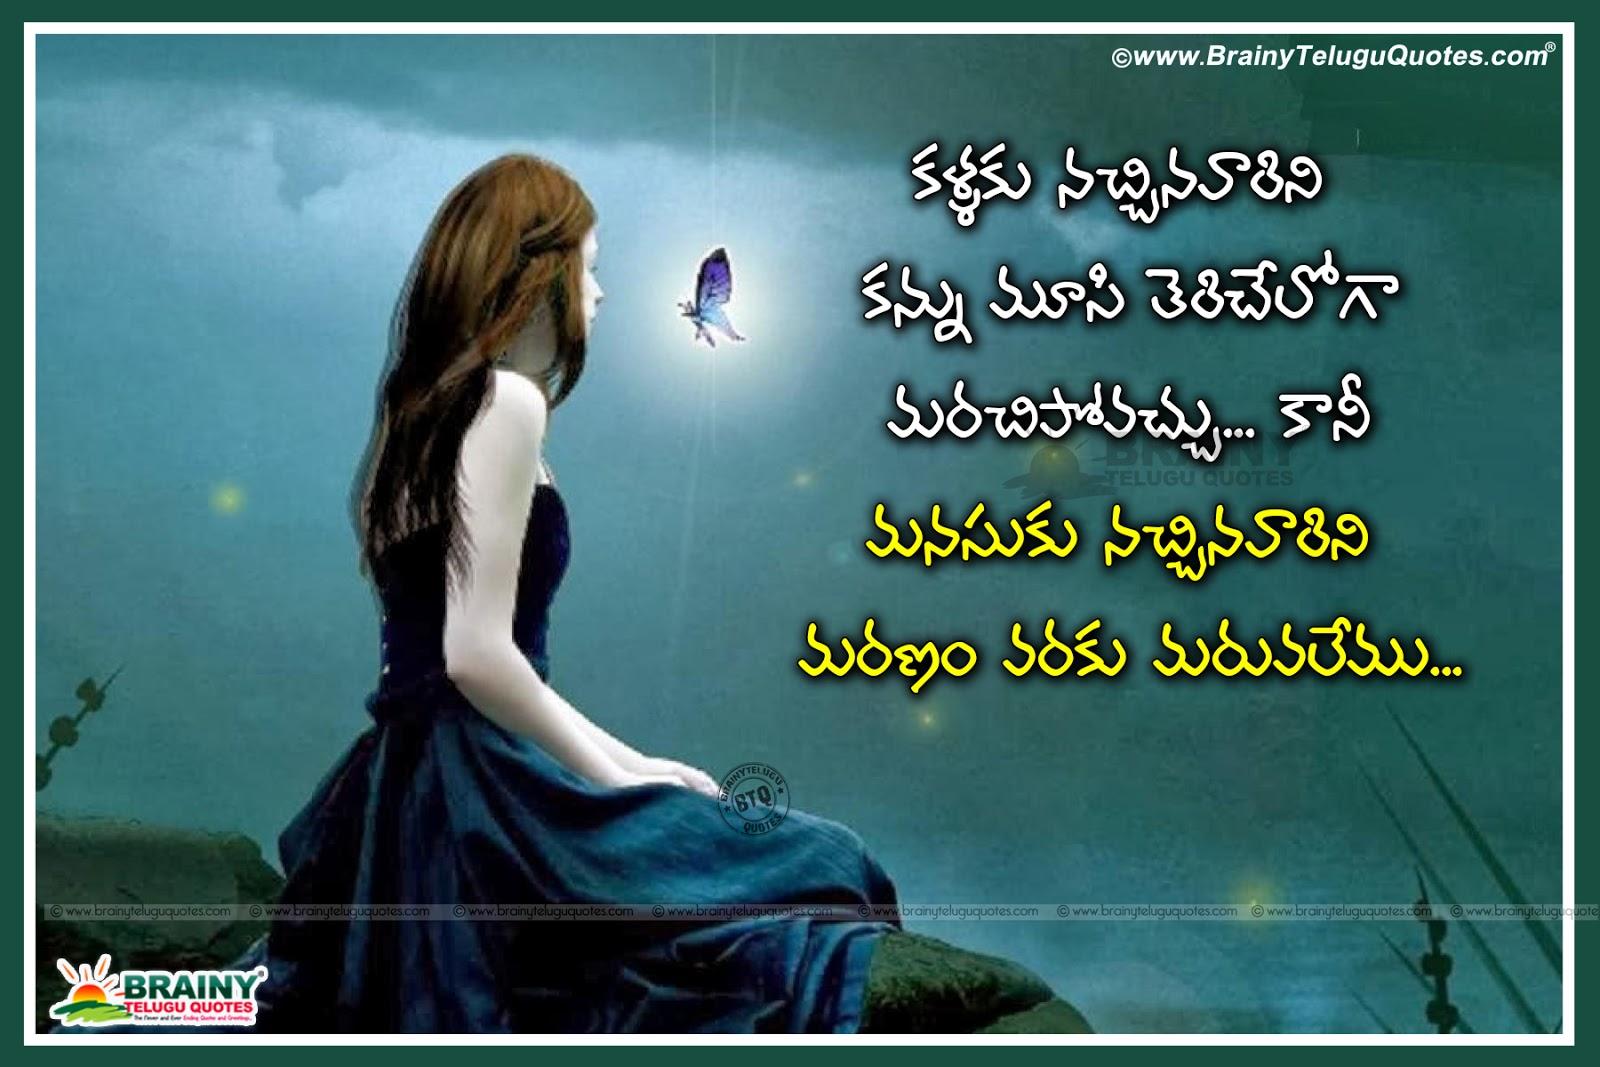 Love Feeling Quotes In Telugu: True Love Messages Quotes In Telugu-Love Poetry In Telugu